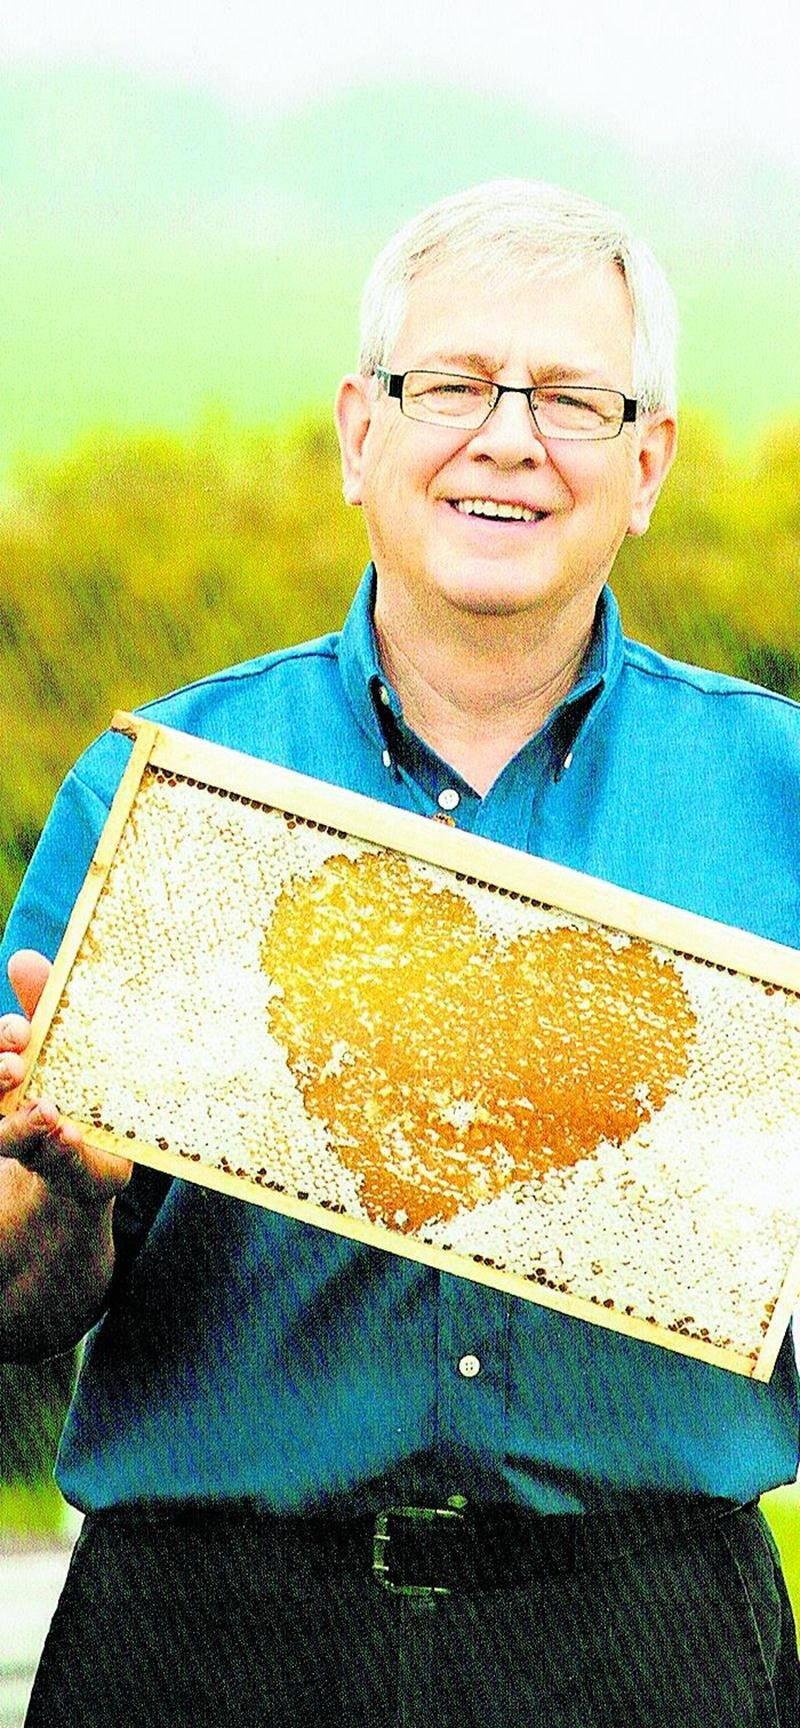 Yves Gauvin est sur un comité de survie des pollinisateurs. Il est toujours actif comme membre au niveau de la Fédération des apiculteurs et il continue aussi de s'impliquer dans la poursuite des communications à l'intérieur du monde agricole avec le CRAAQ et la table filière apicole dont fait partie l'UPA.